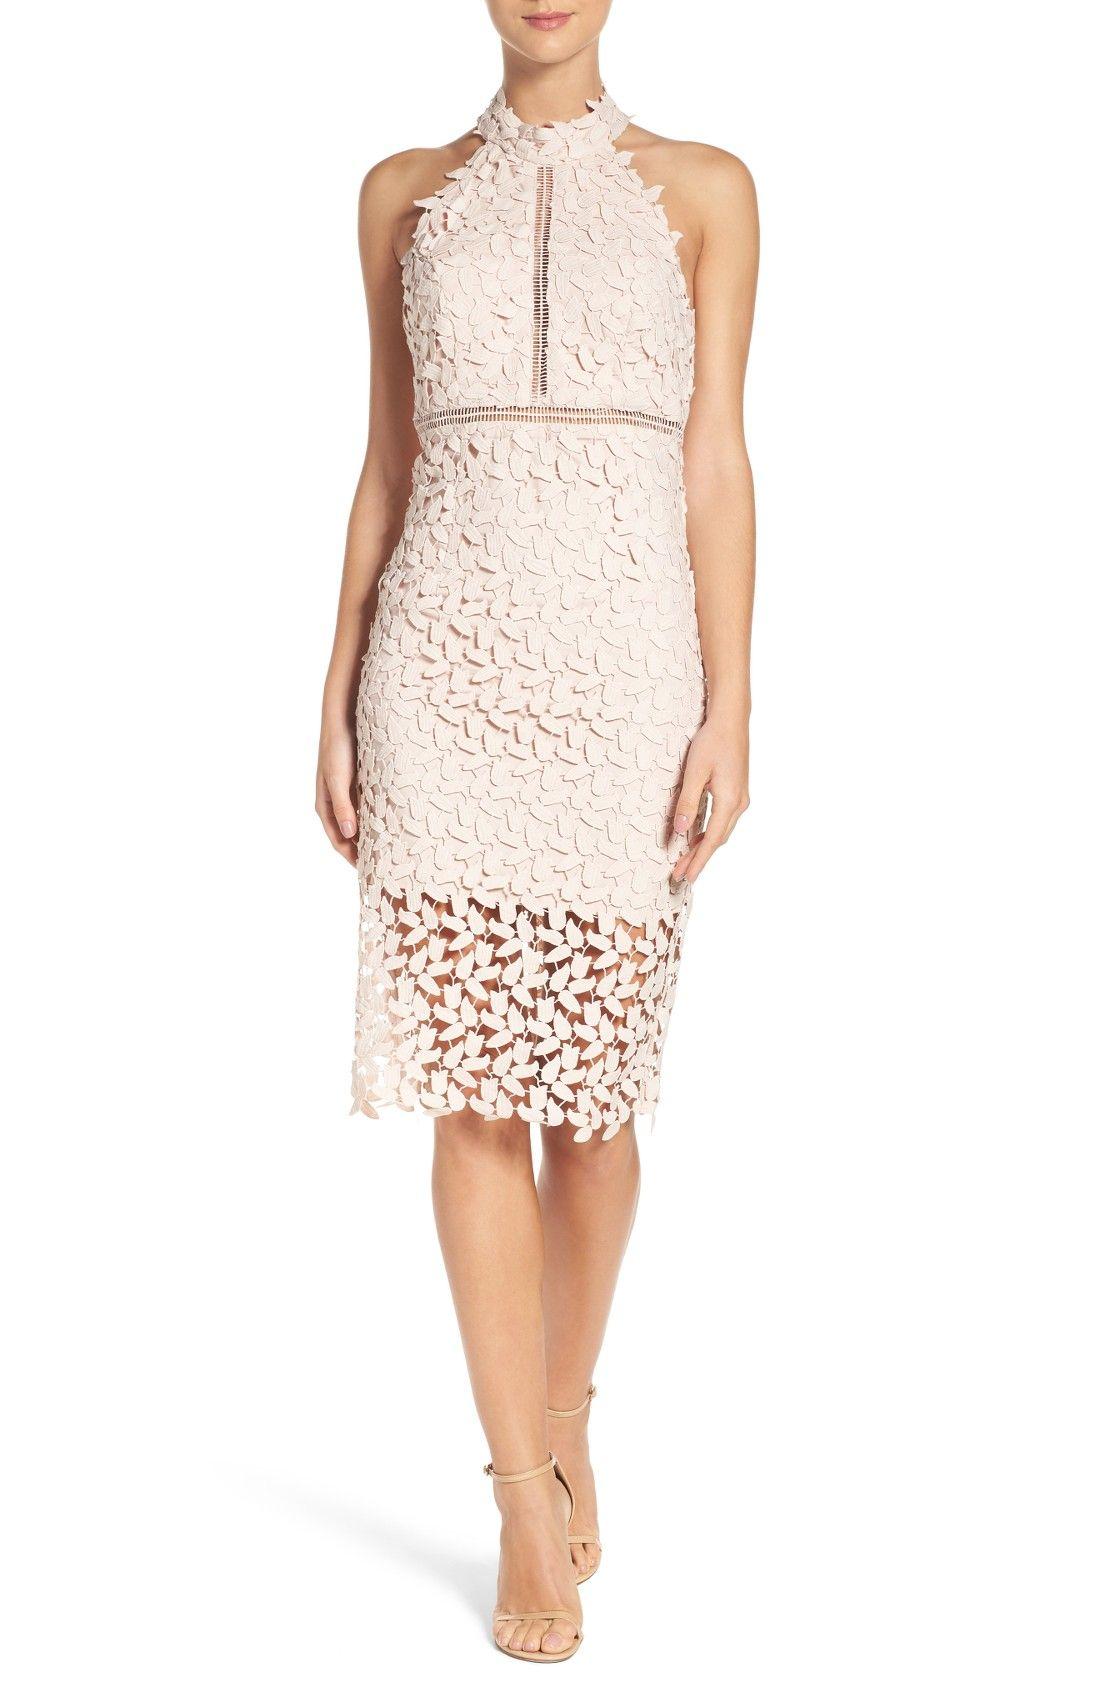 Sheath dresses for wedding guest  Jump n style dresses queens  Best dress ideas  Pinterest  Queen